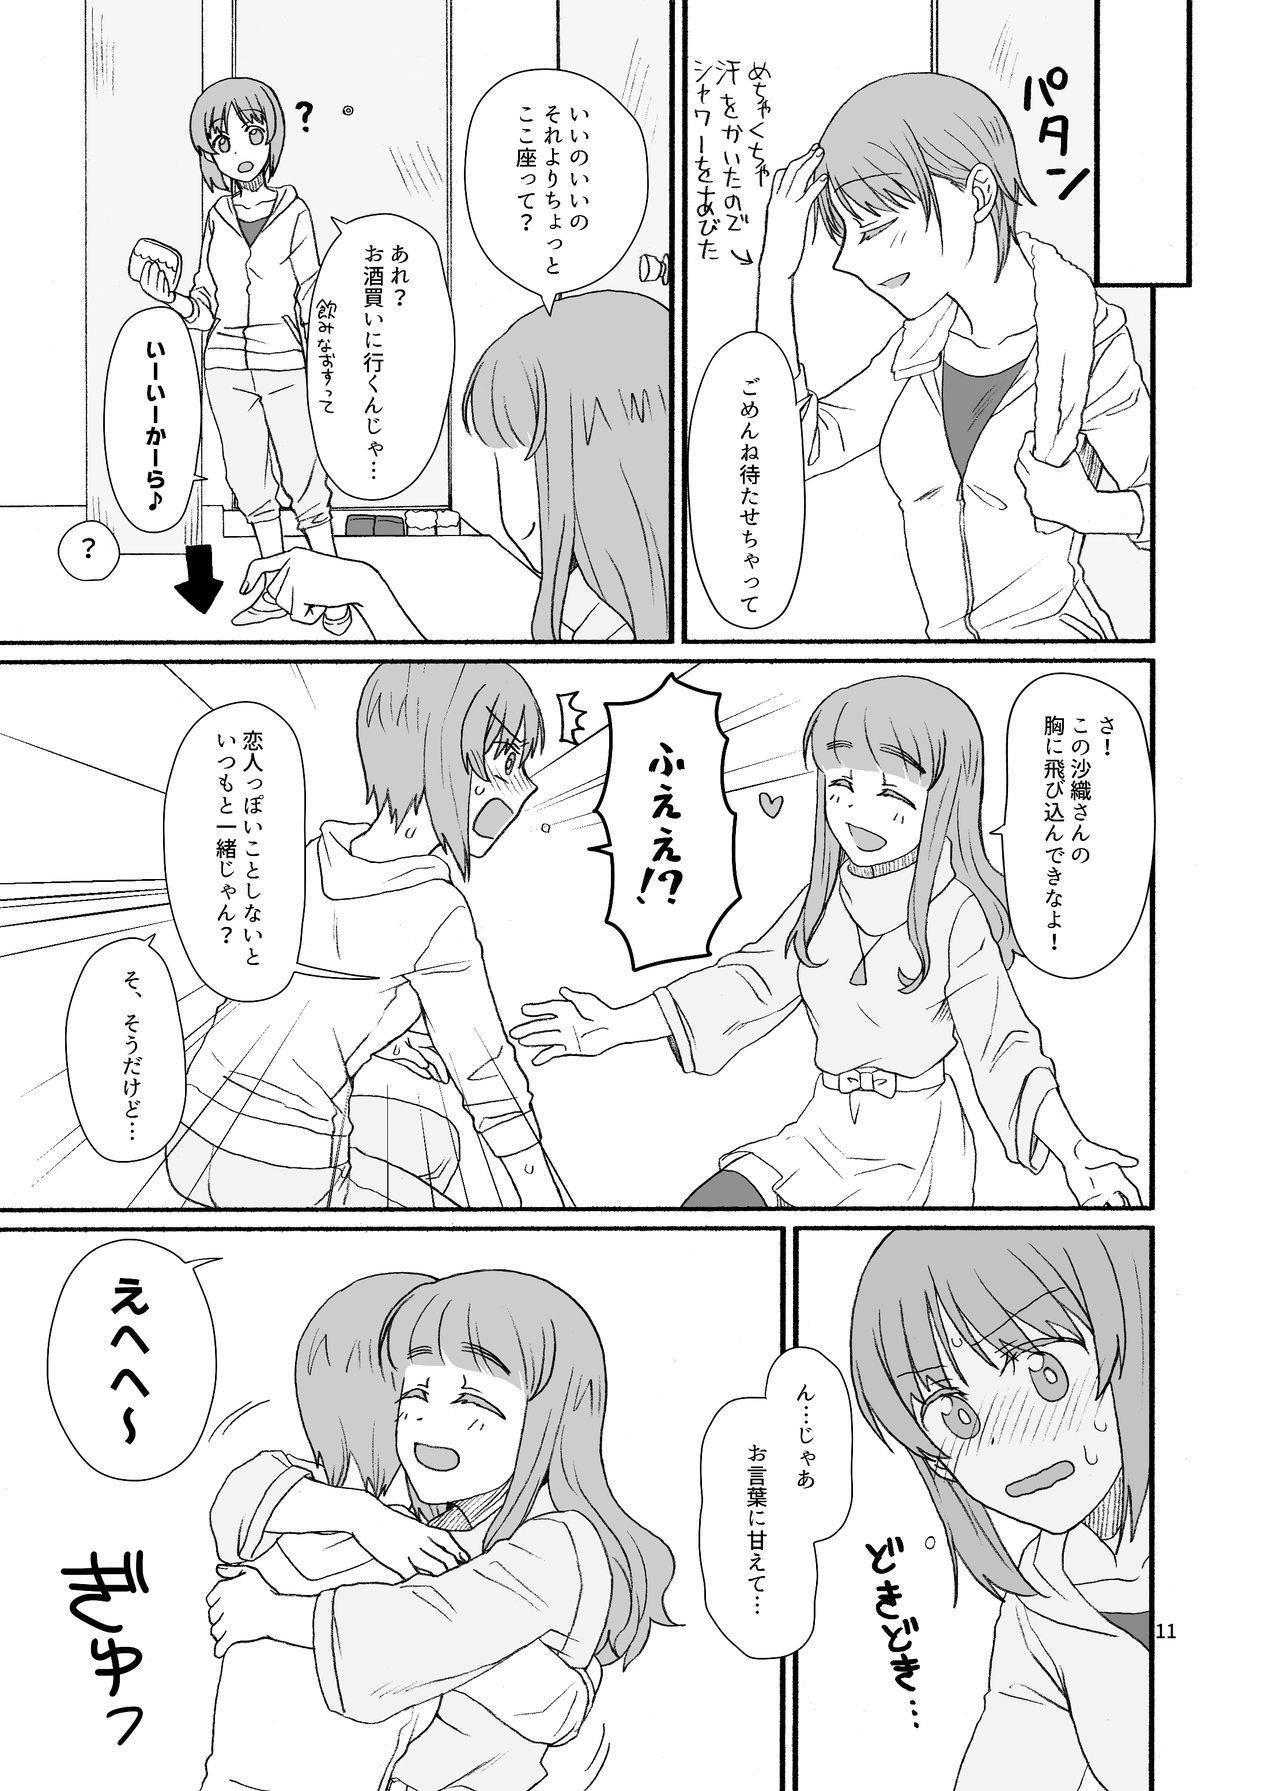 Saori-san, Tsukiatte Kudasai! 9